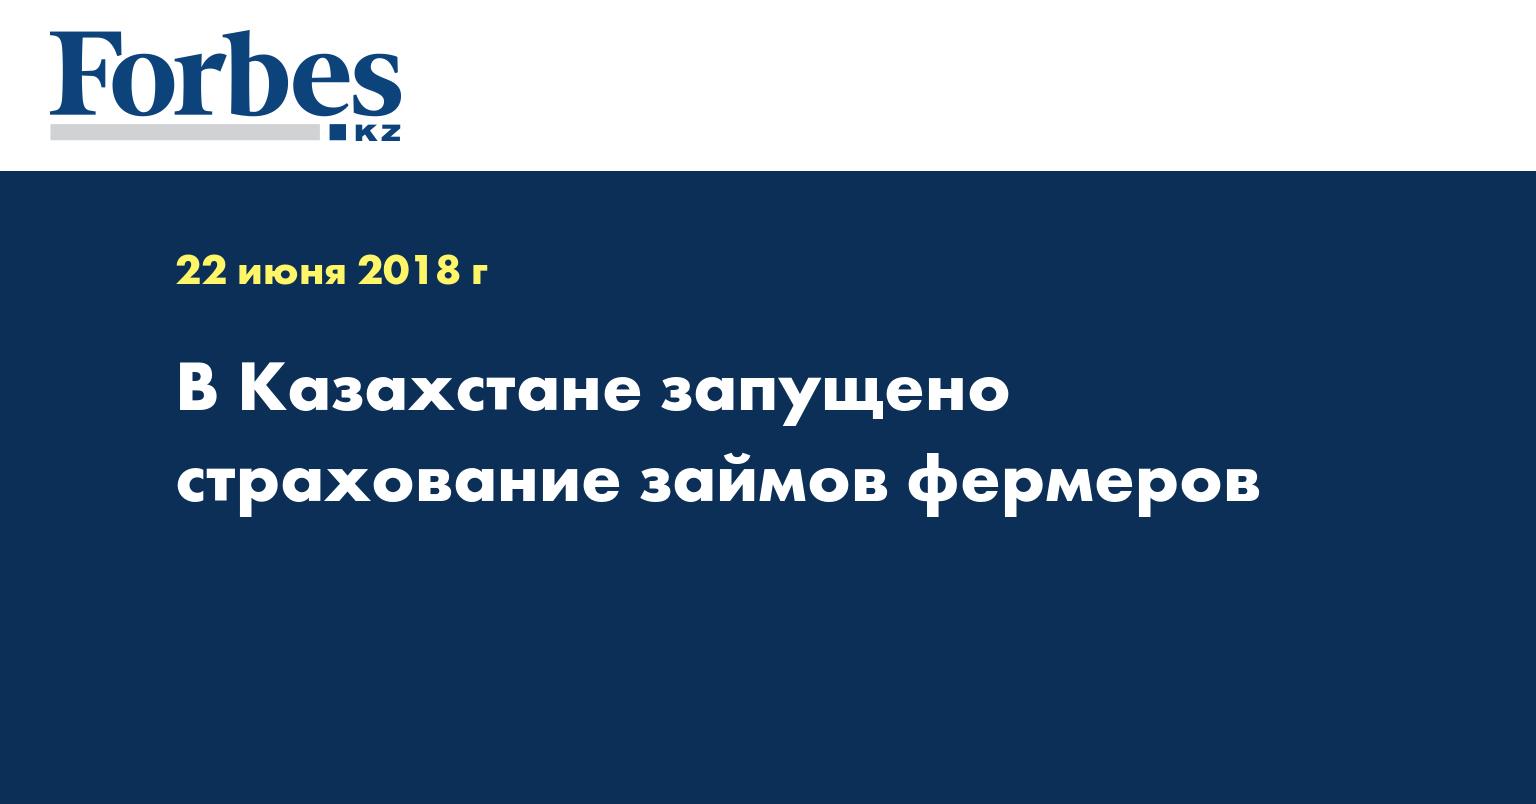 В Казахстане запущено страхование займов фермеров